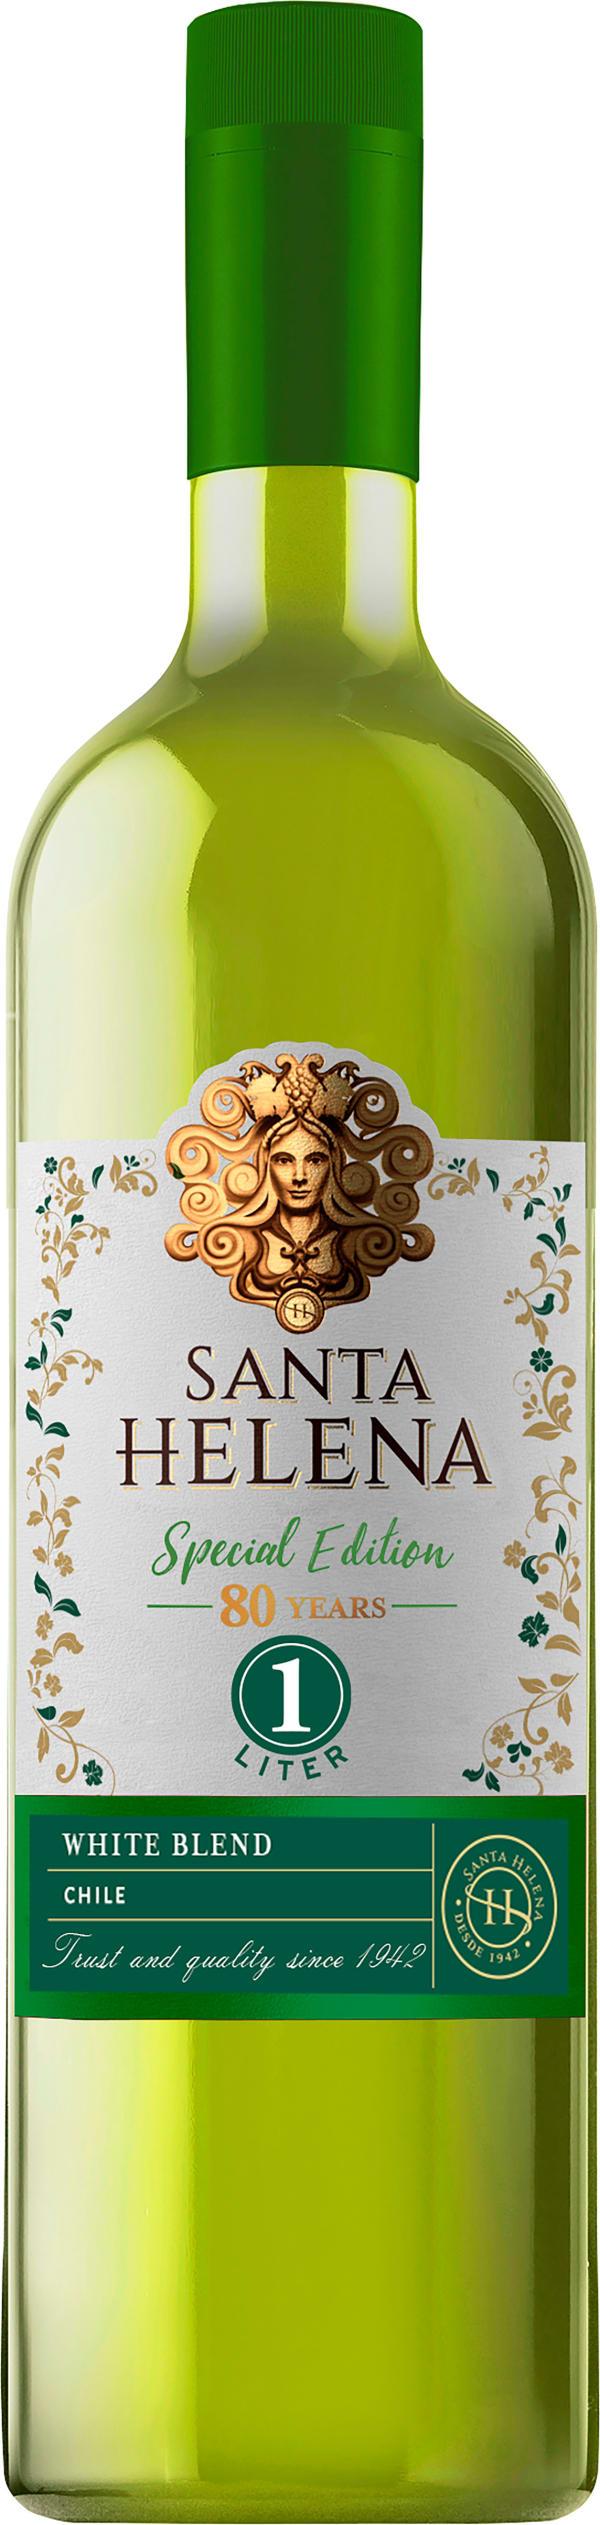 Santa Helena Varietal White Blend 2017 plastic bottle